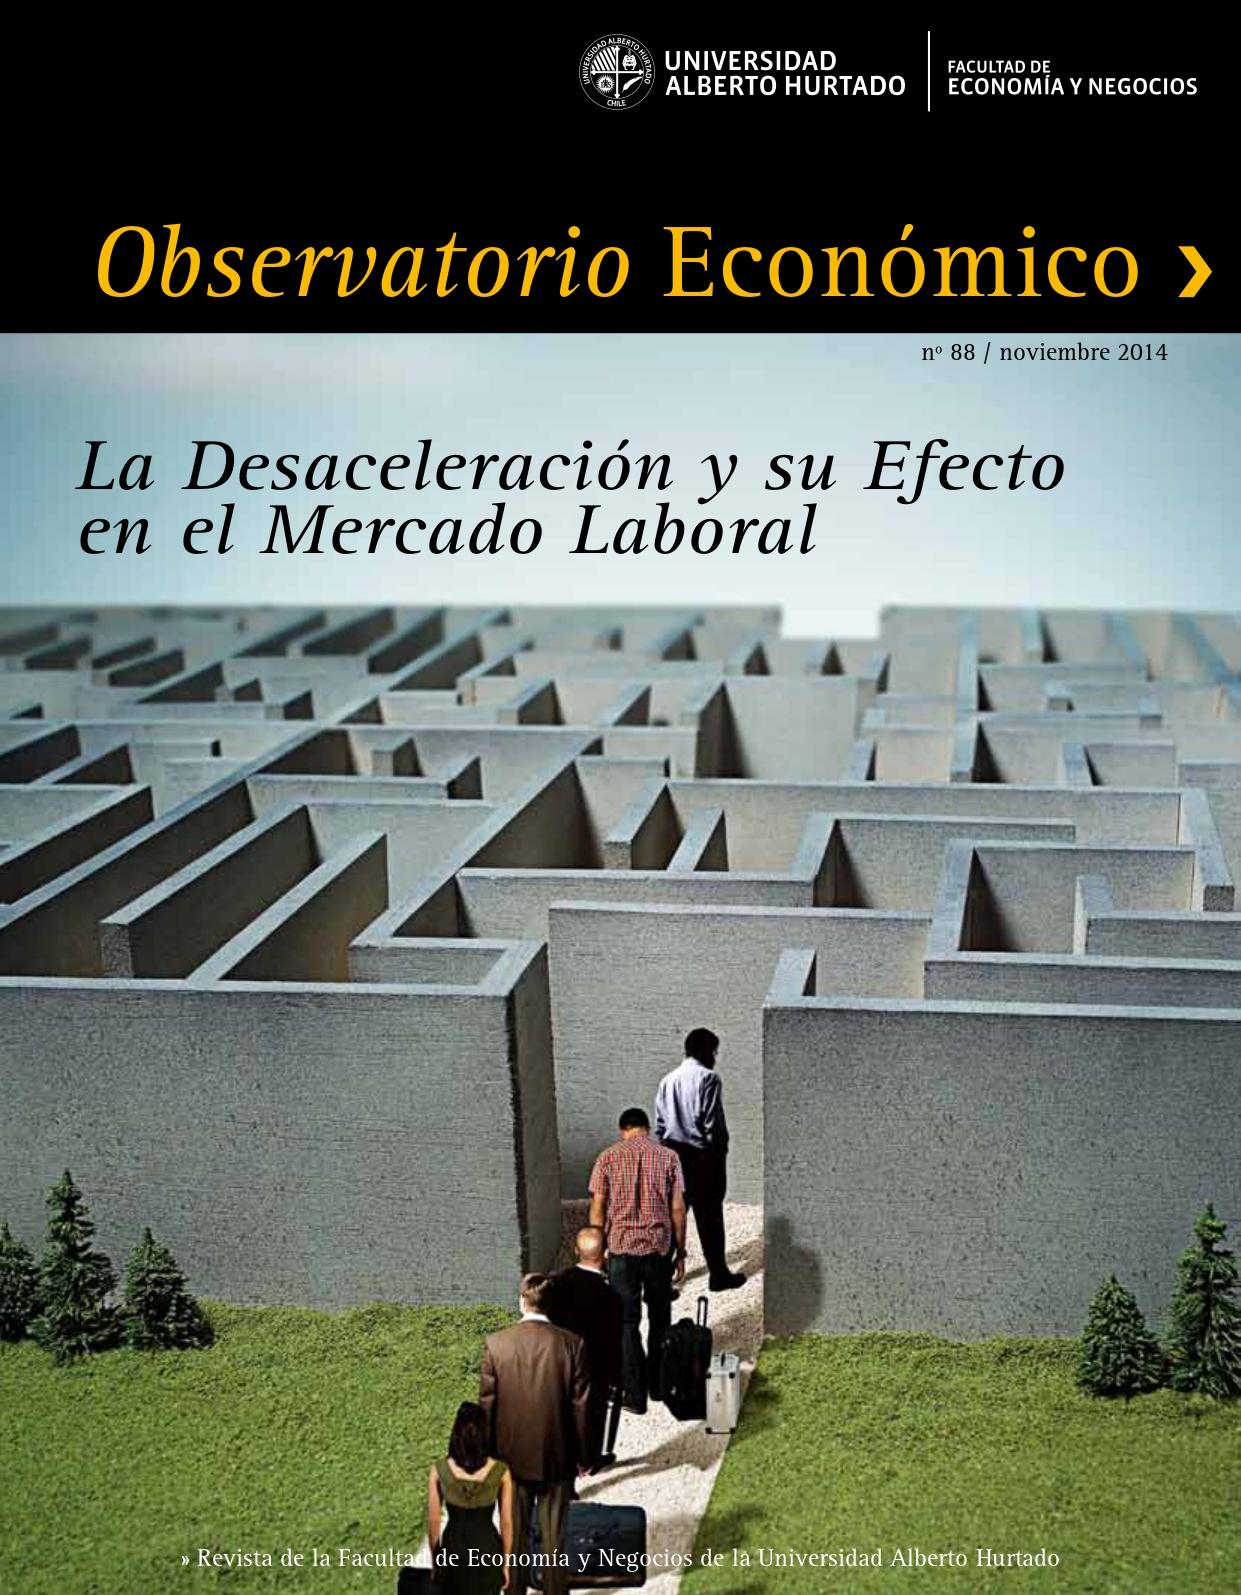 """Título del número de la revista : """"La Desaceleración y su Efecto en el Mercado Laboral"""""""